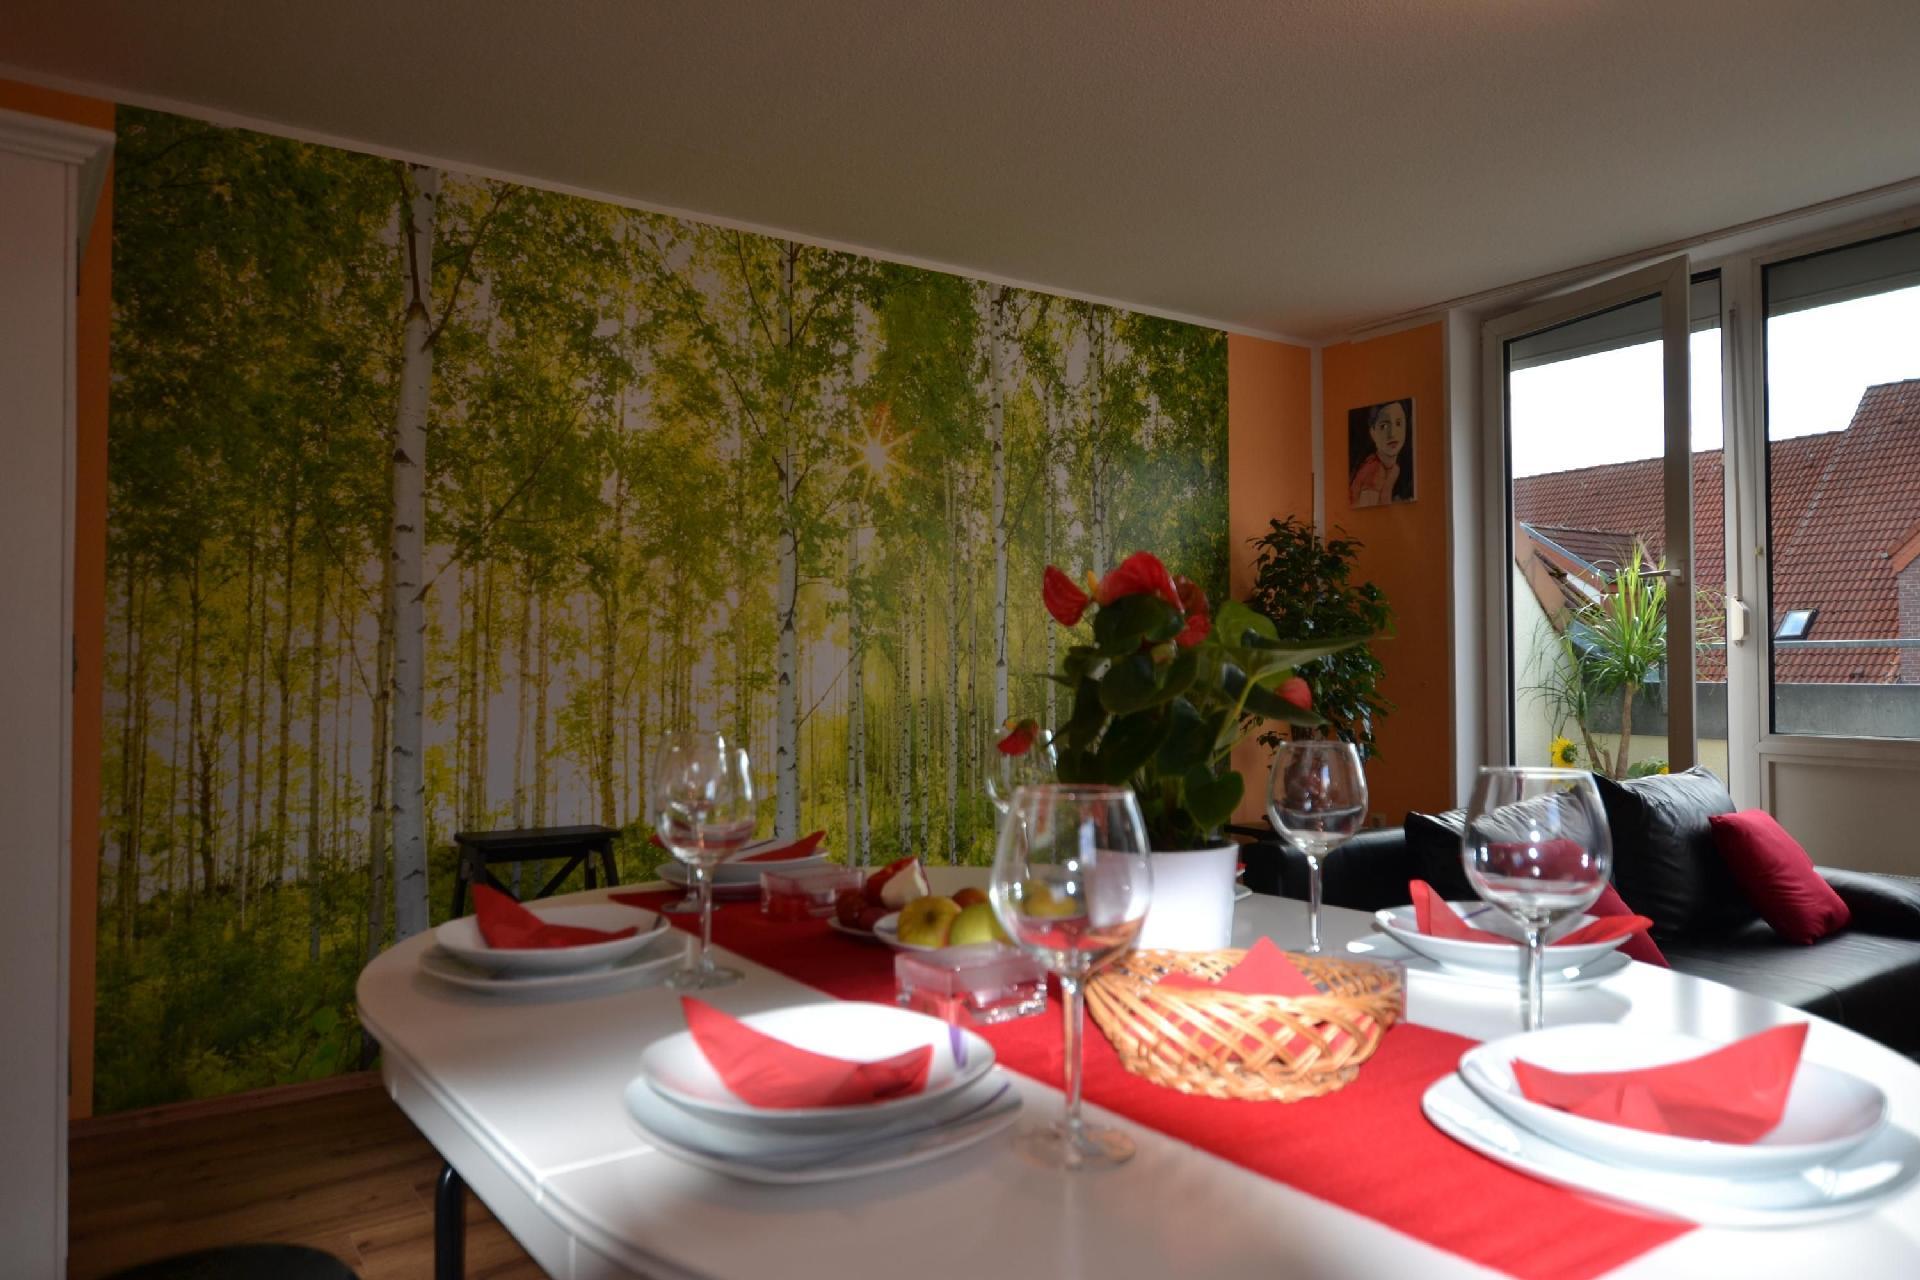 Großzügige Ferienwohnung in ruhigem Ort   Brandenburg